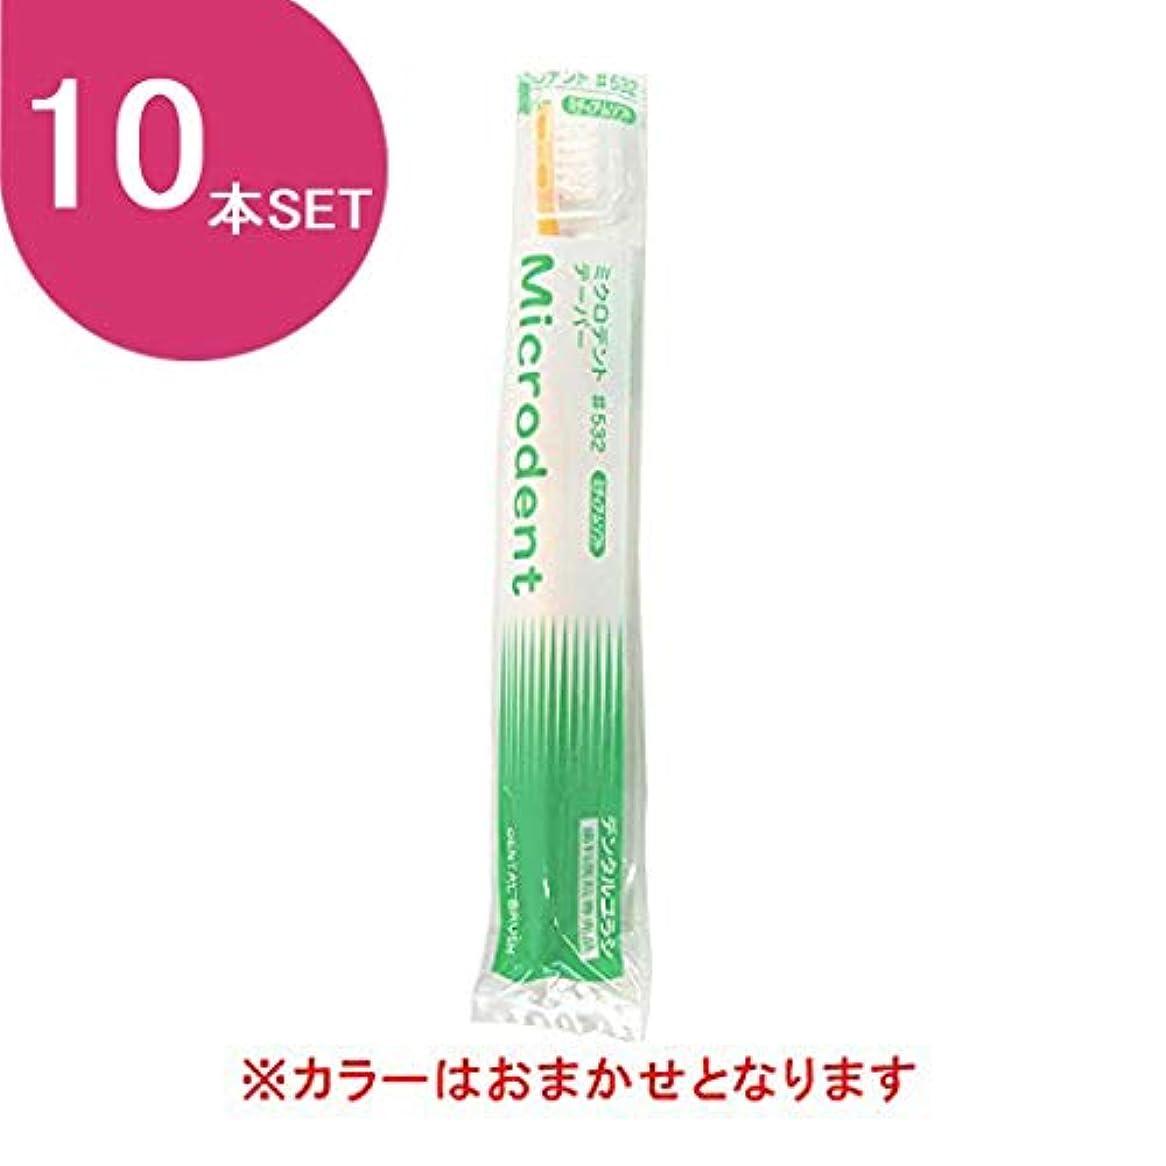 ゆりかご不定名声白水貿易 ミクロデント (Microdent) 10本 #532 (ミディアム)